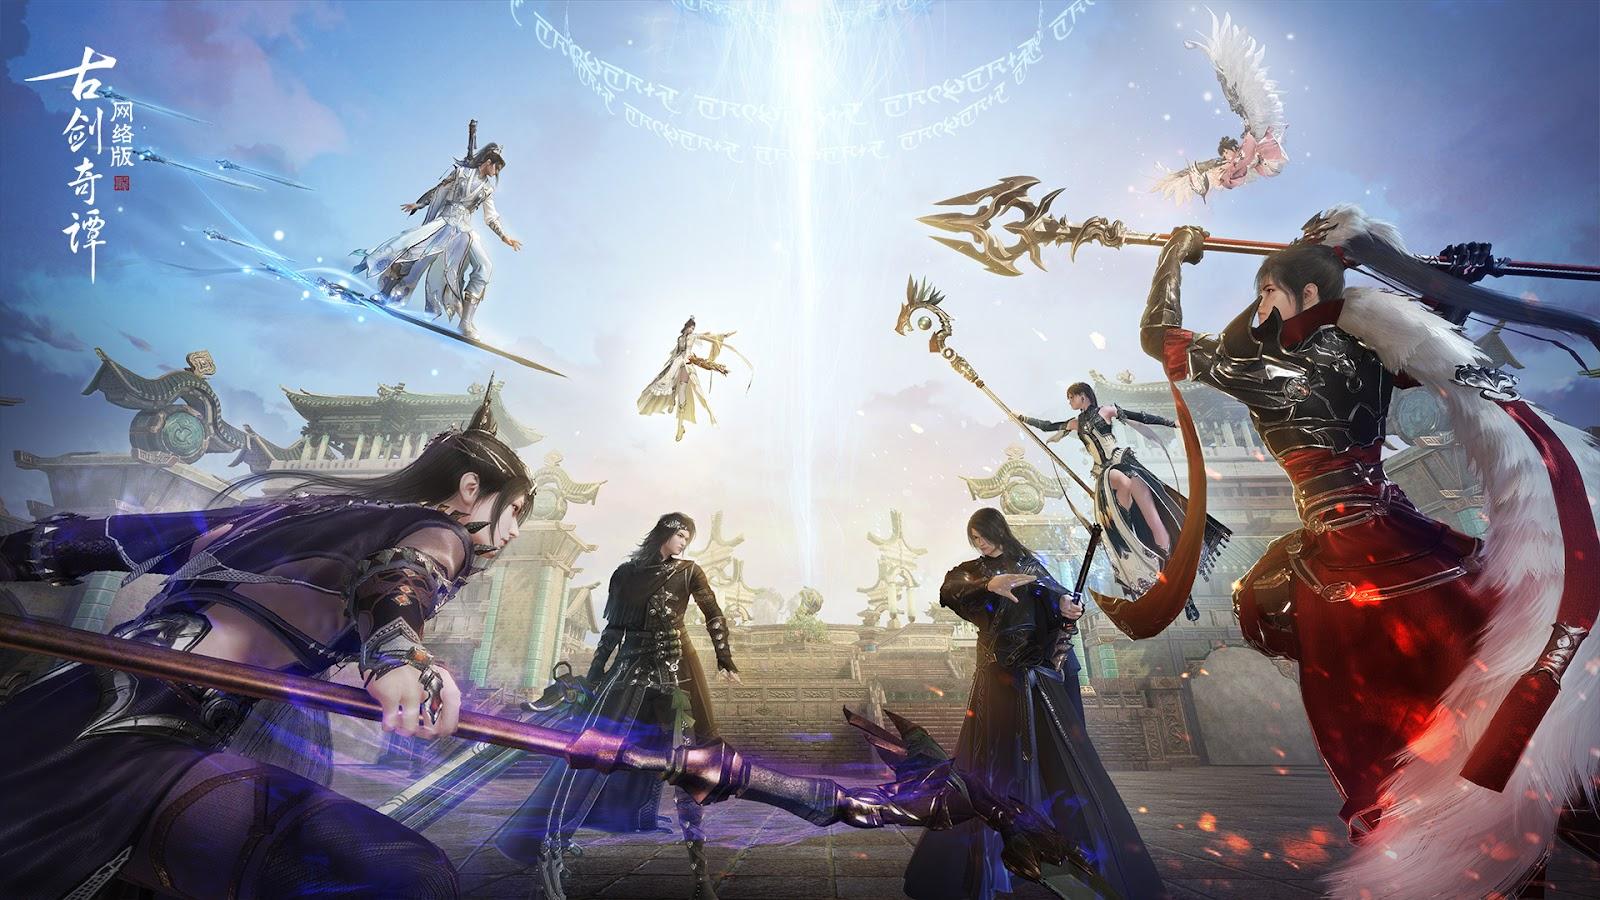 Điều gì khiến Cổ Kiếm Kỳ Đàm sẽ là bom tấn của game online Việt trong năm 2021? - Ảnh 1.